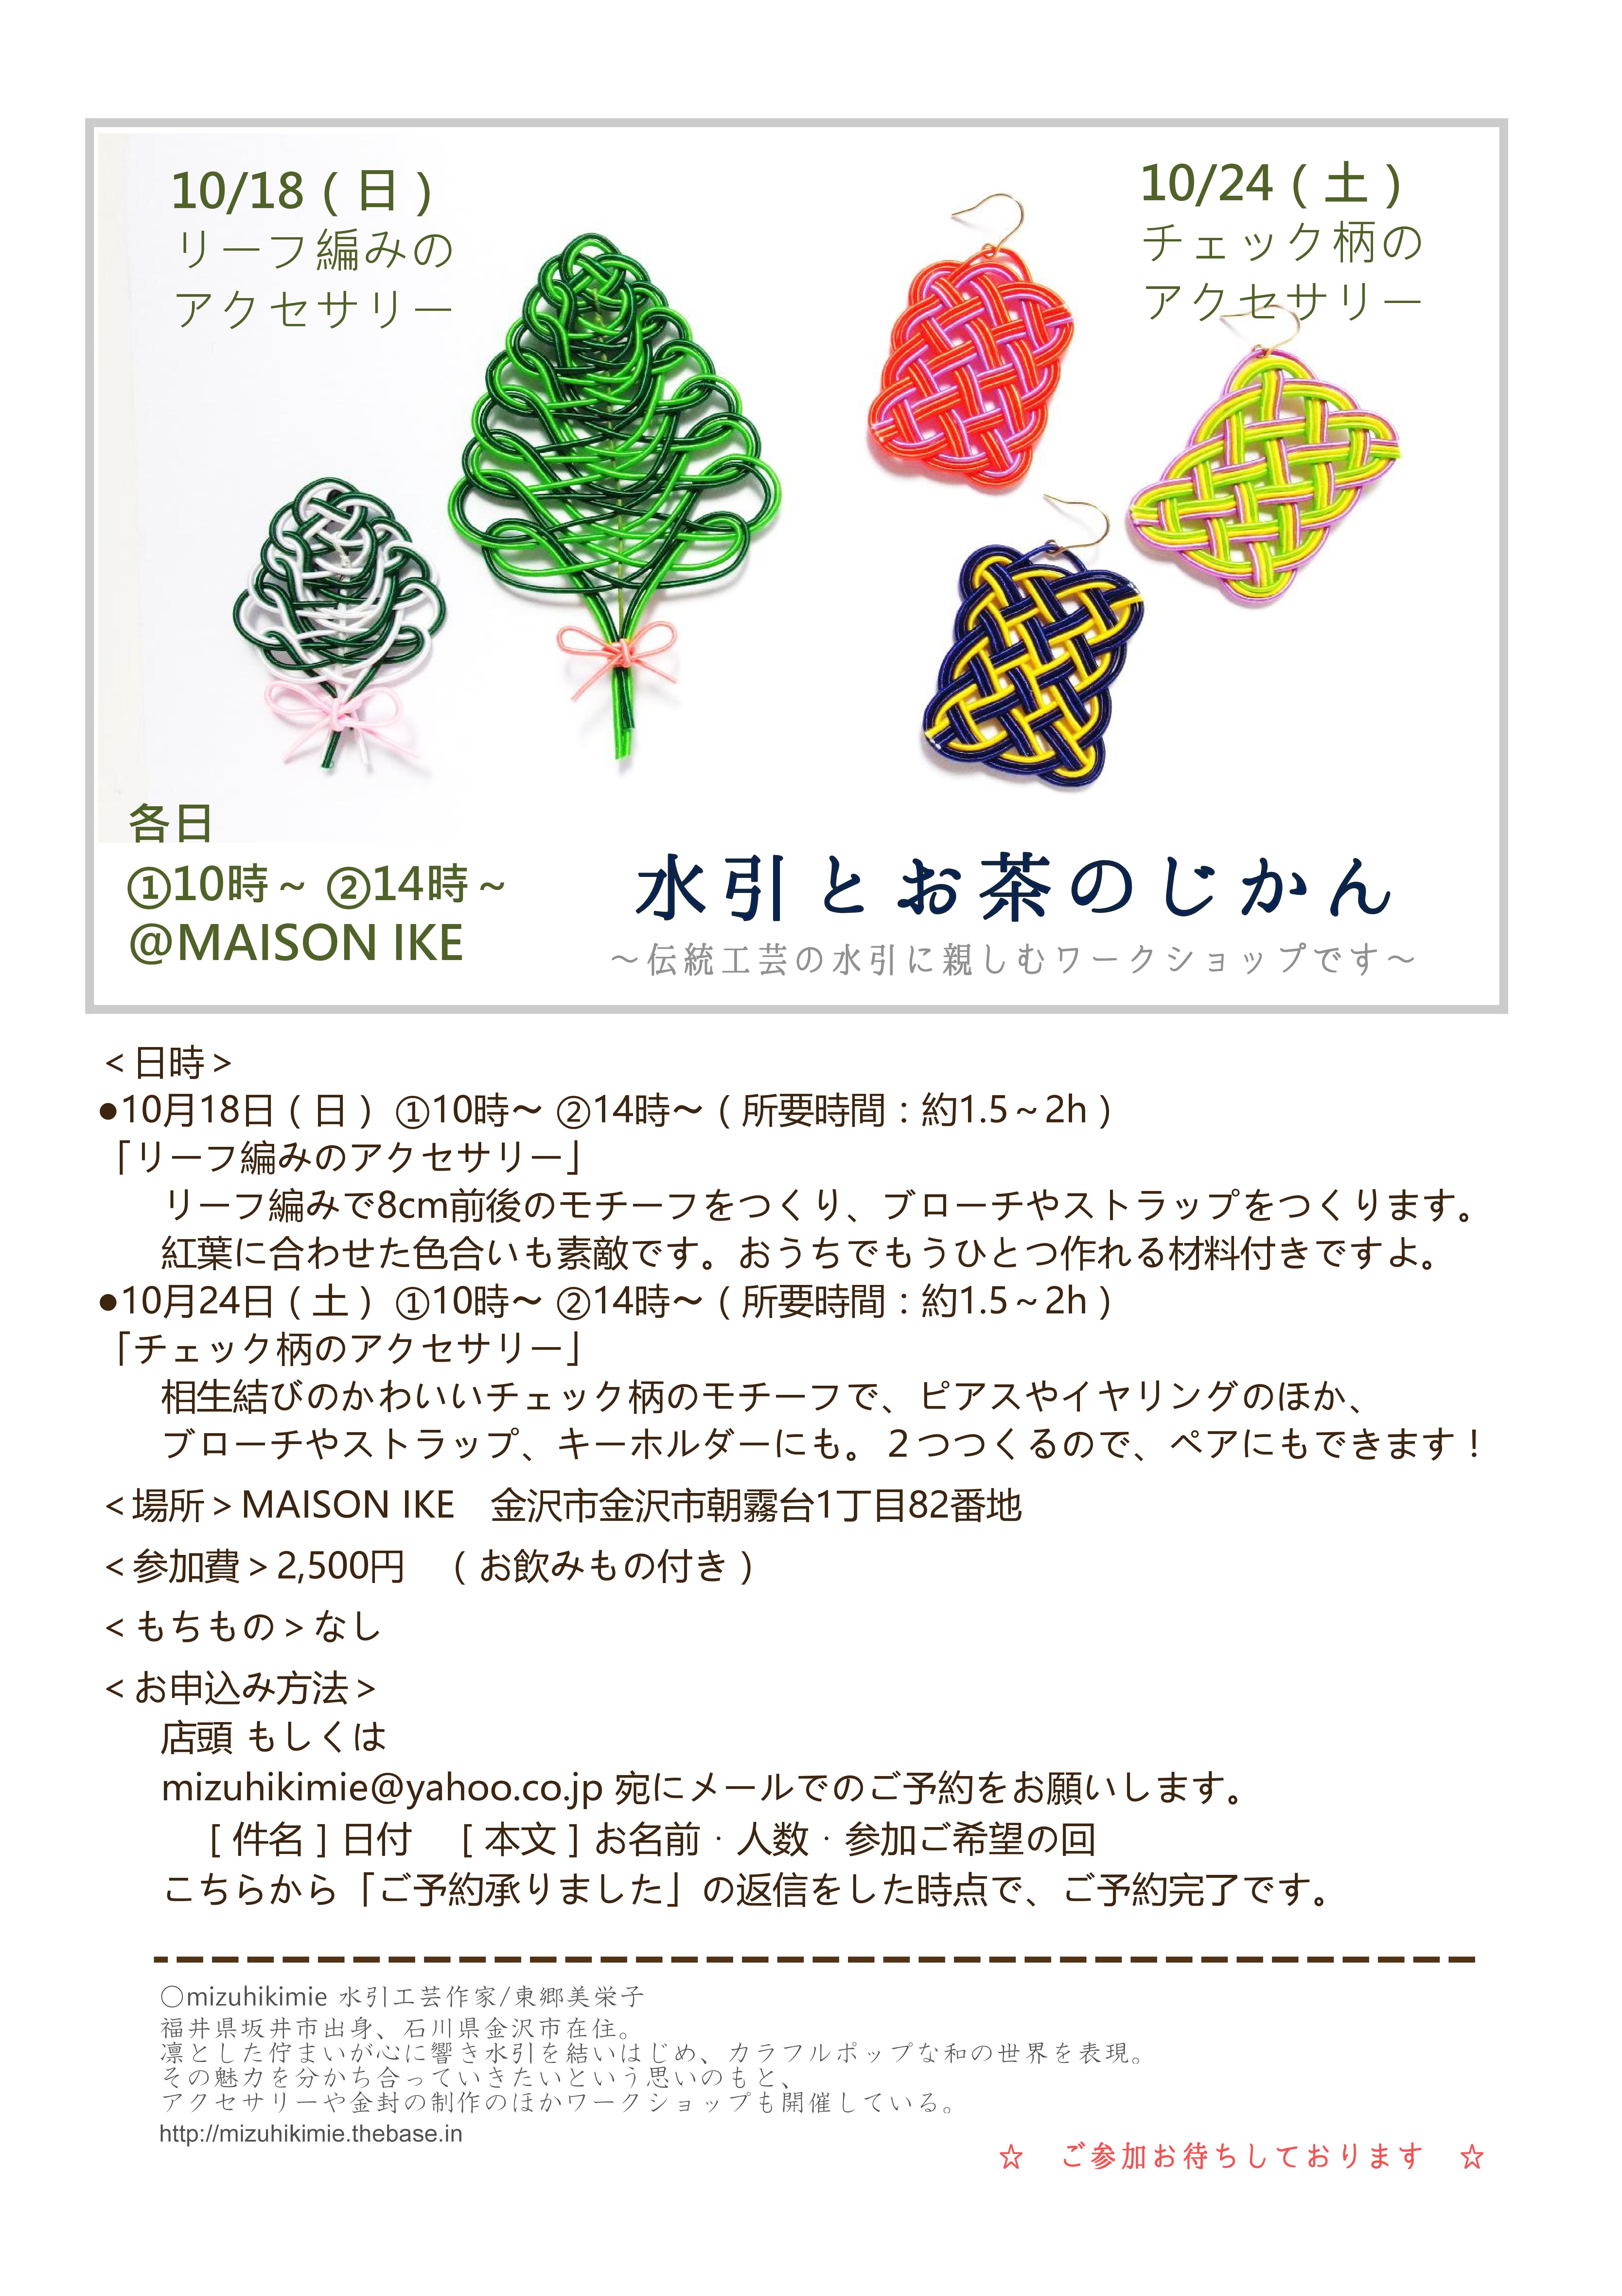 ★10月のWS・イベント出店情報